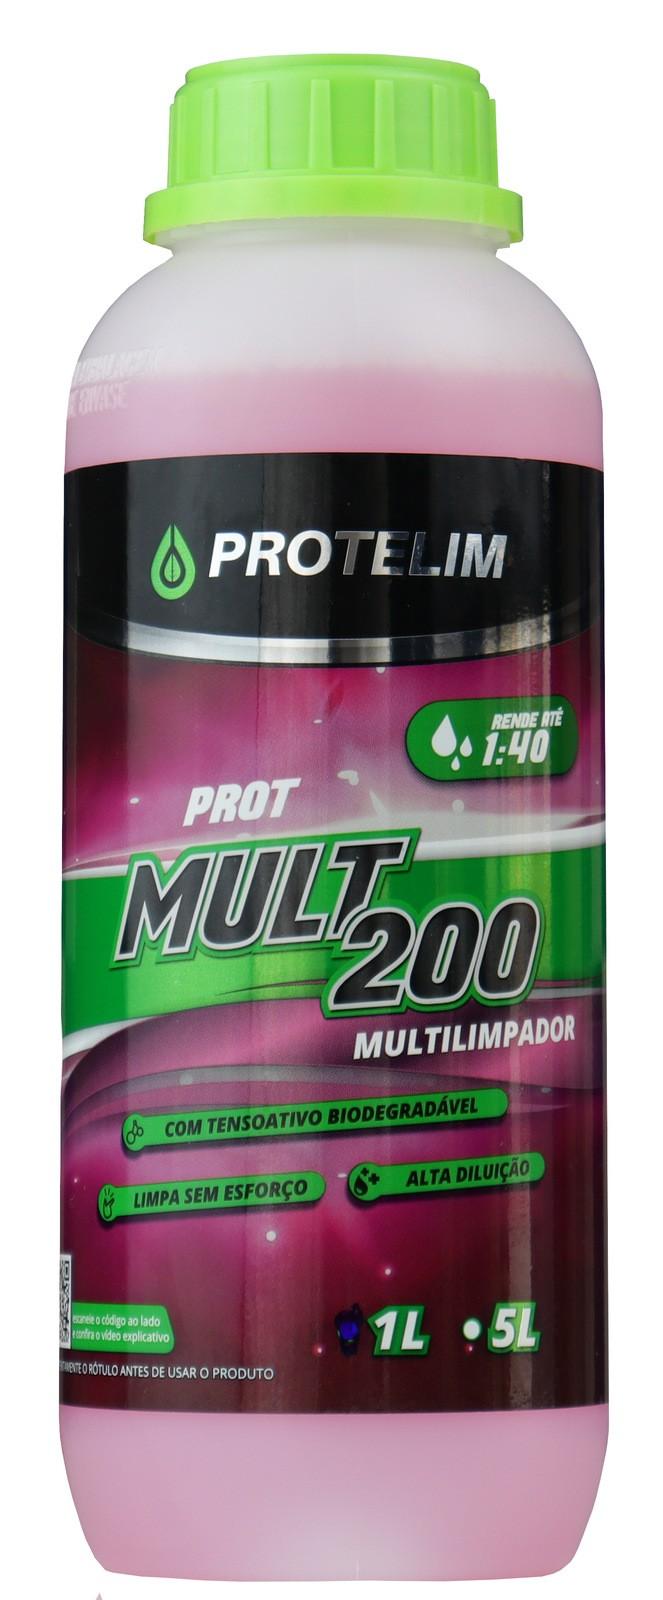 Multiuso Concentrado Prot Mult 200 1L Protelim